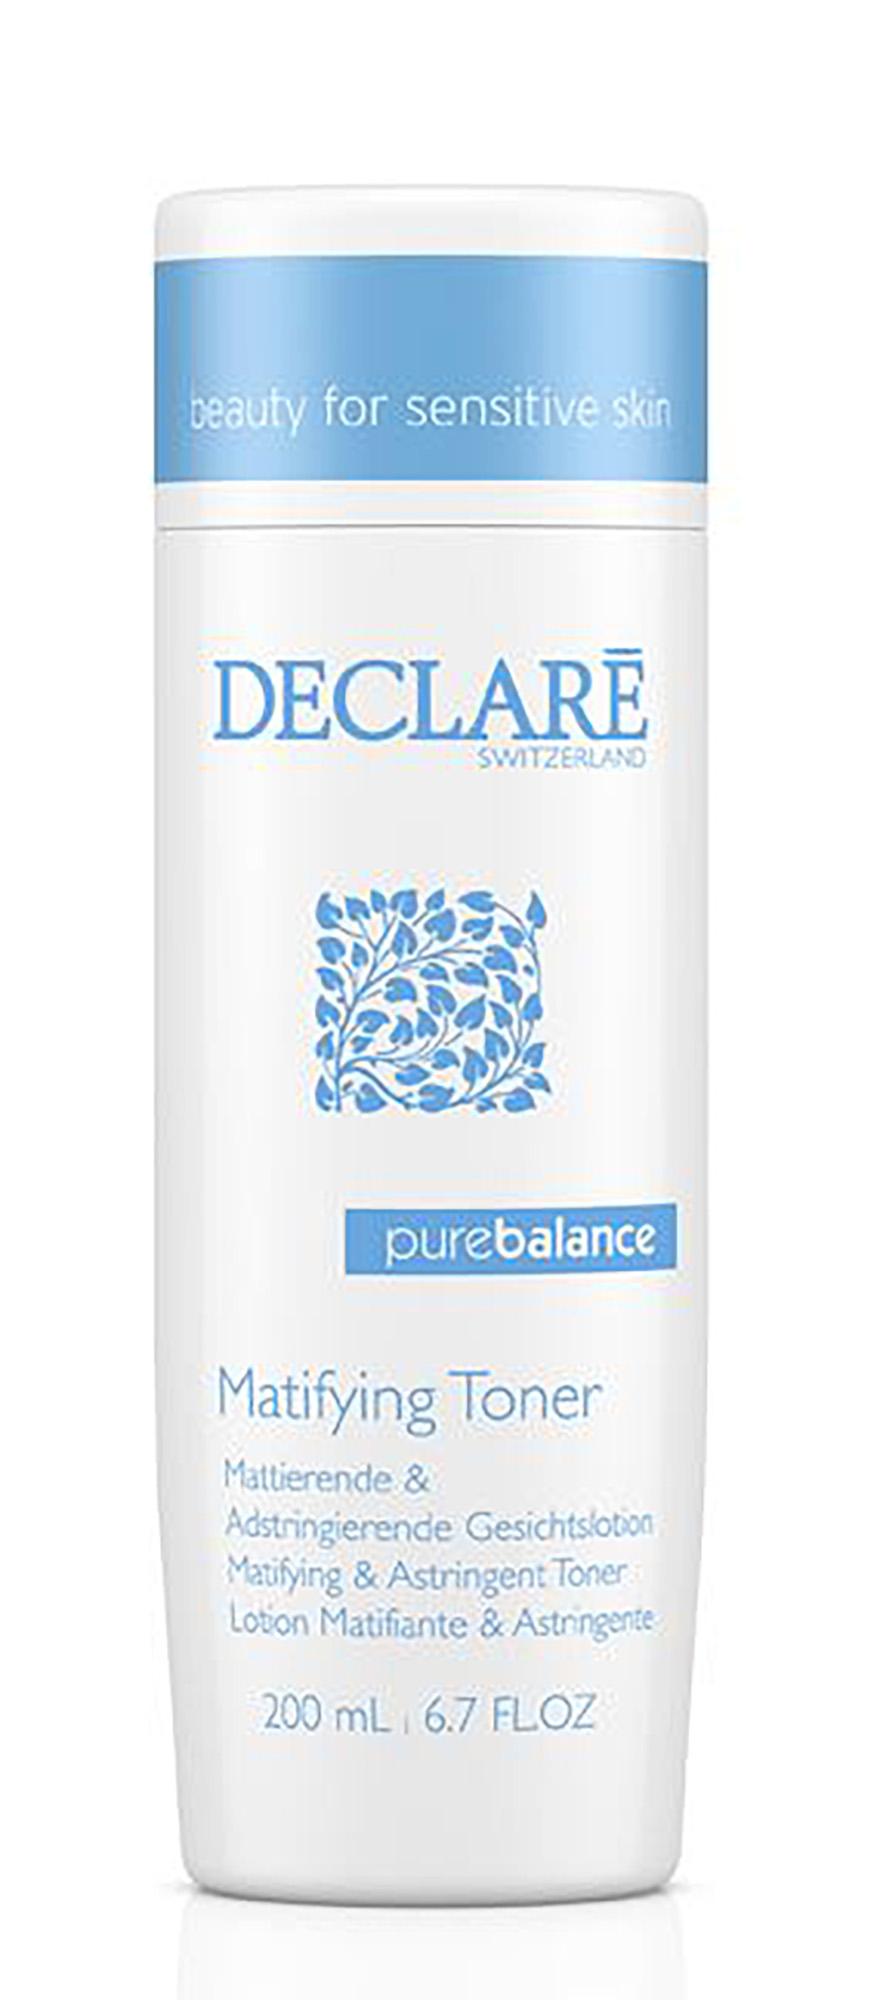 Declaré Pure Balance Mattierende & Adstringierende Gesichtslotion 200 ml 746919